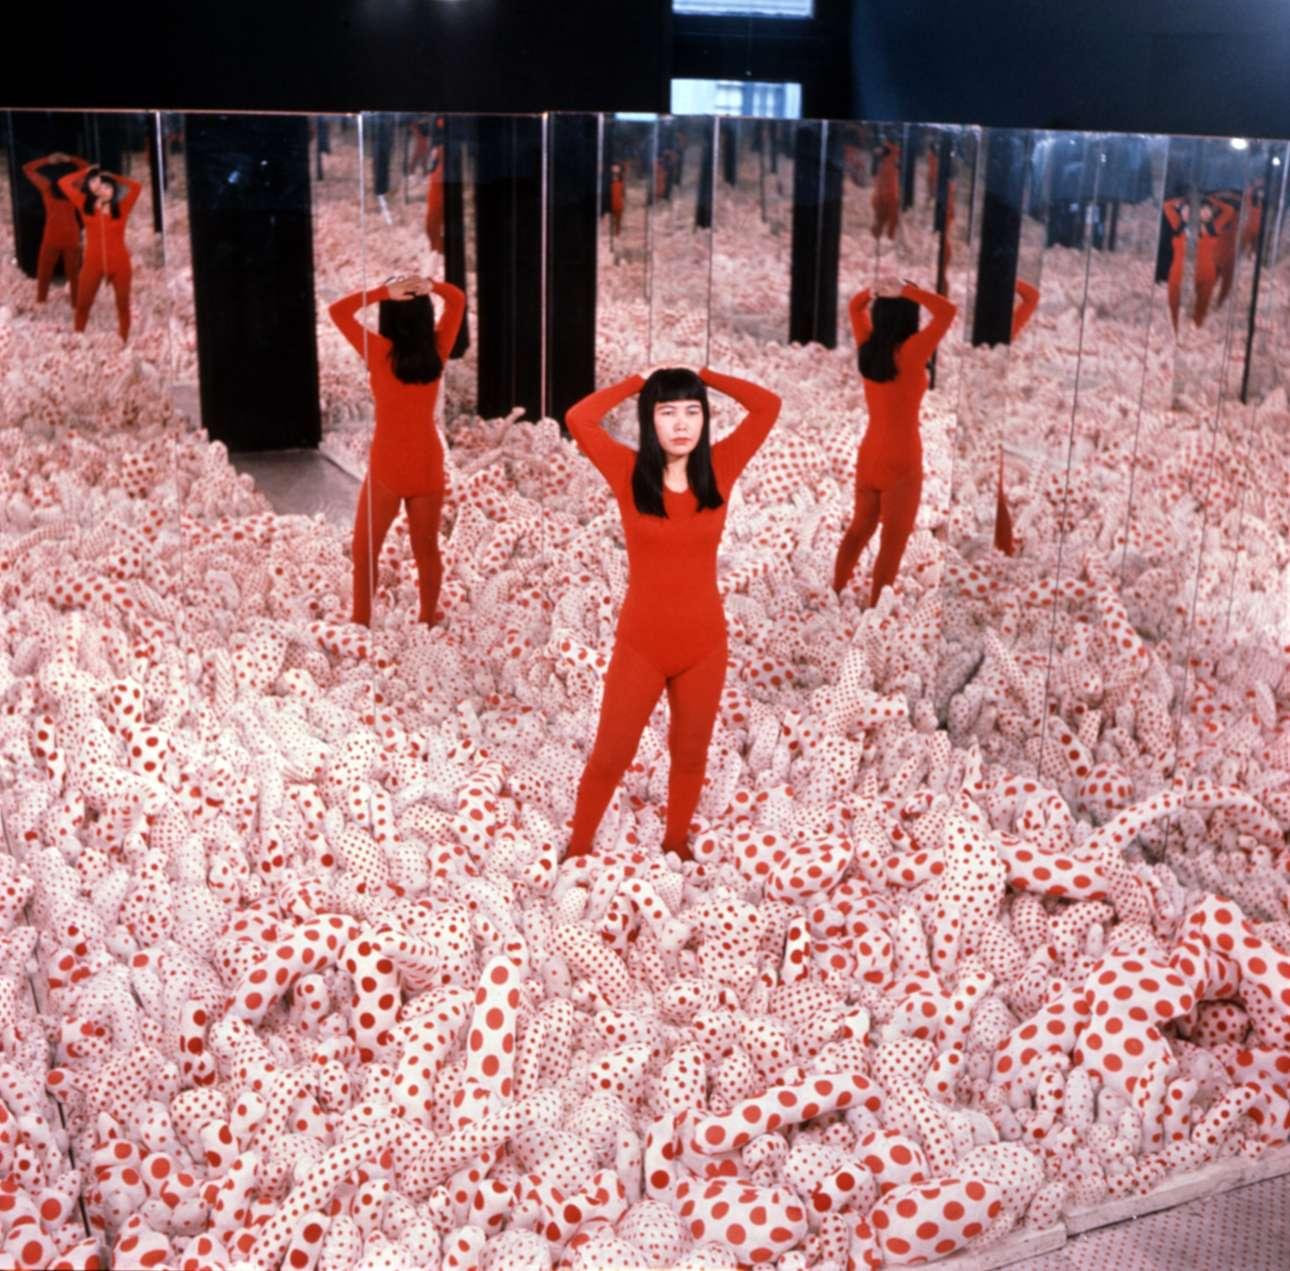 Τα δωμάτια με τους καθρέφτες είναι σχεδιασμένα έτσι ώστε ο επισκέπτης να γίνεται μέρος του έργου. Αυτο το χαρακτηριστικό παρουσίασε και η Γιαγιόι Κουσάμα σε μια σειρά από αυτοπροσωπογραφίες μέσα στο δωμάτιο «Phalli's Field», το 1965